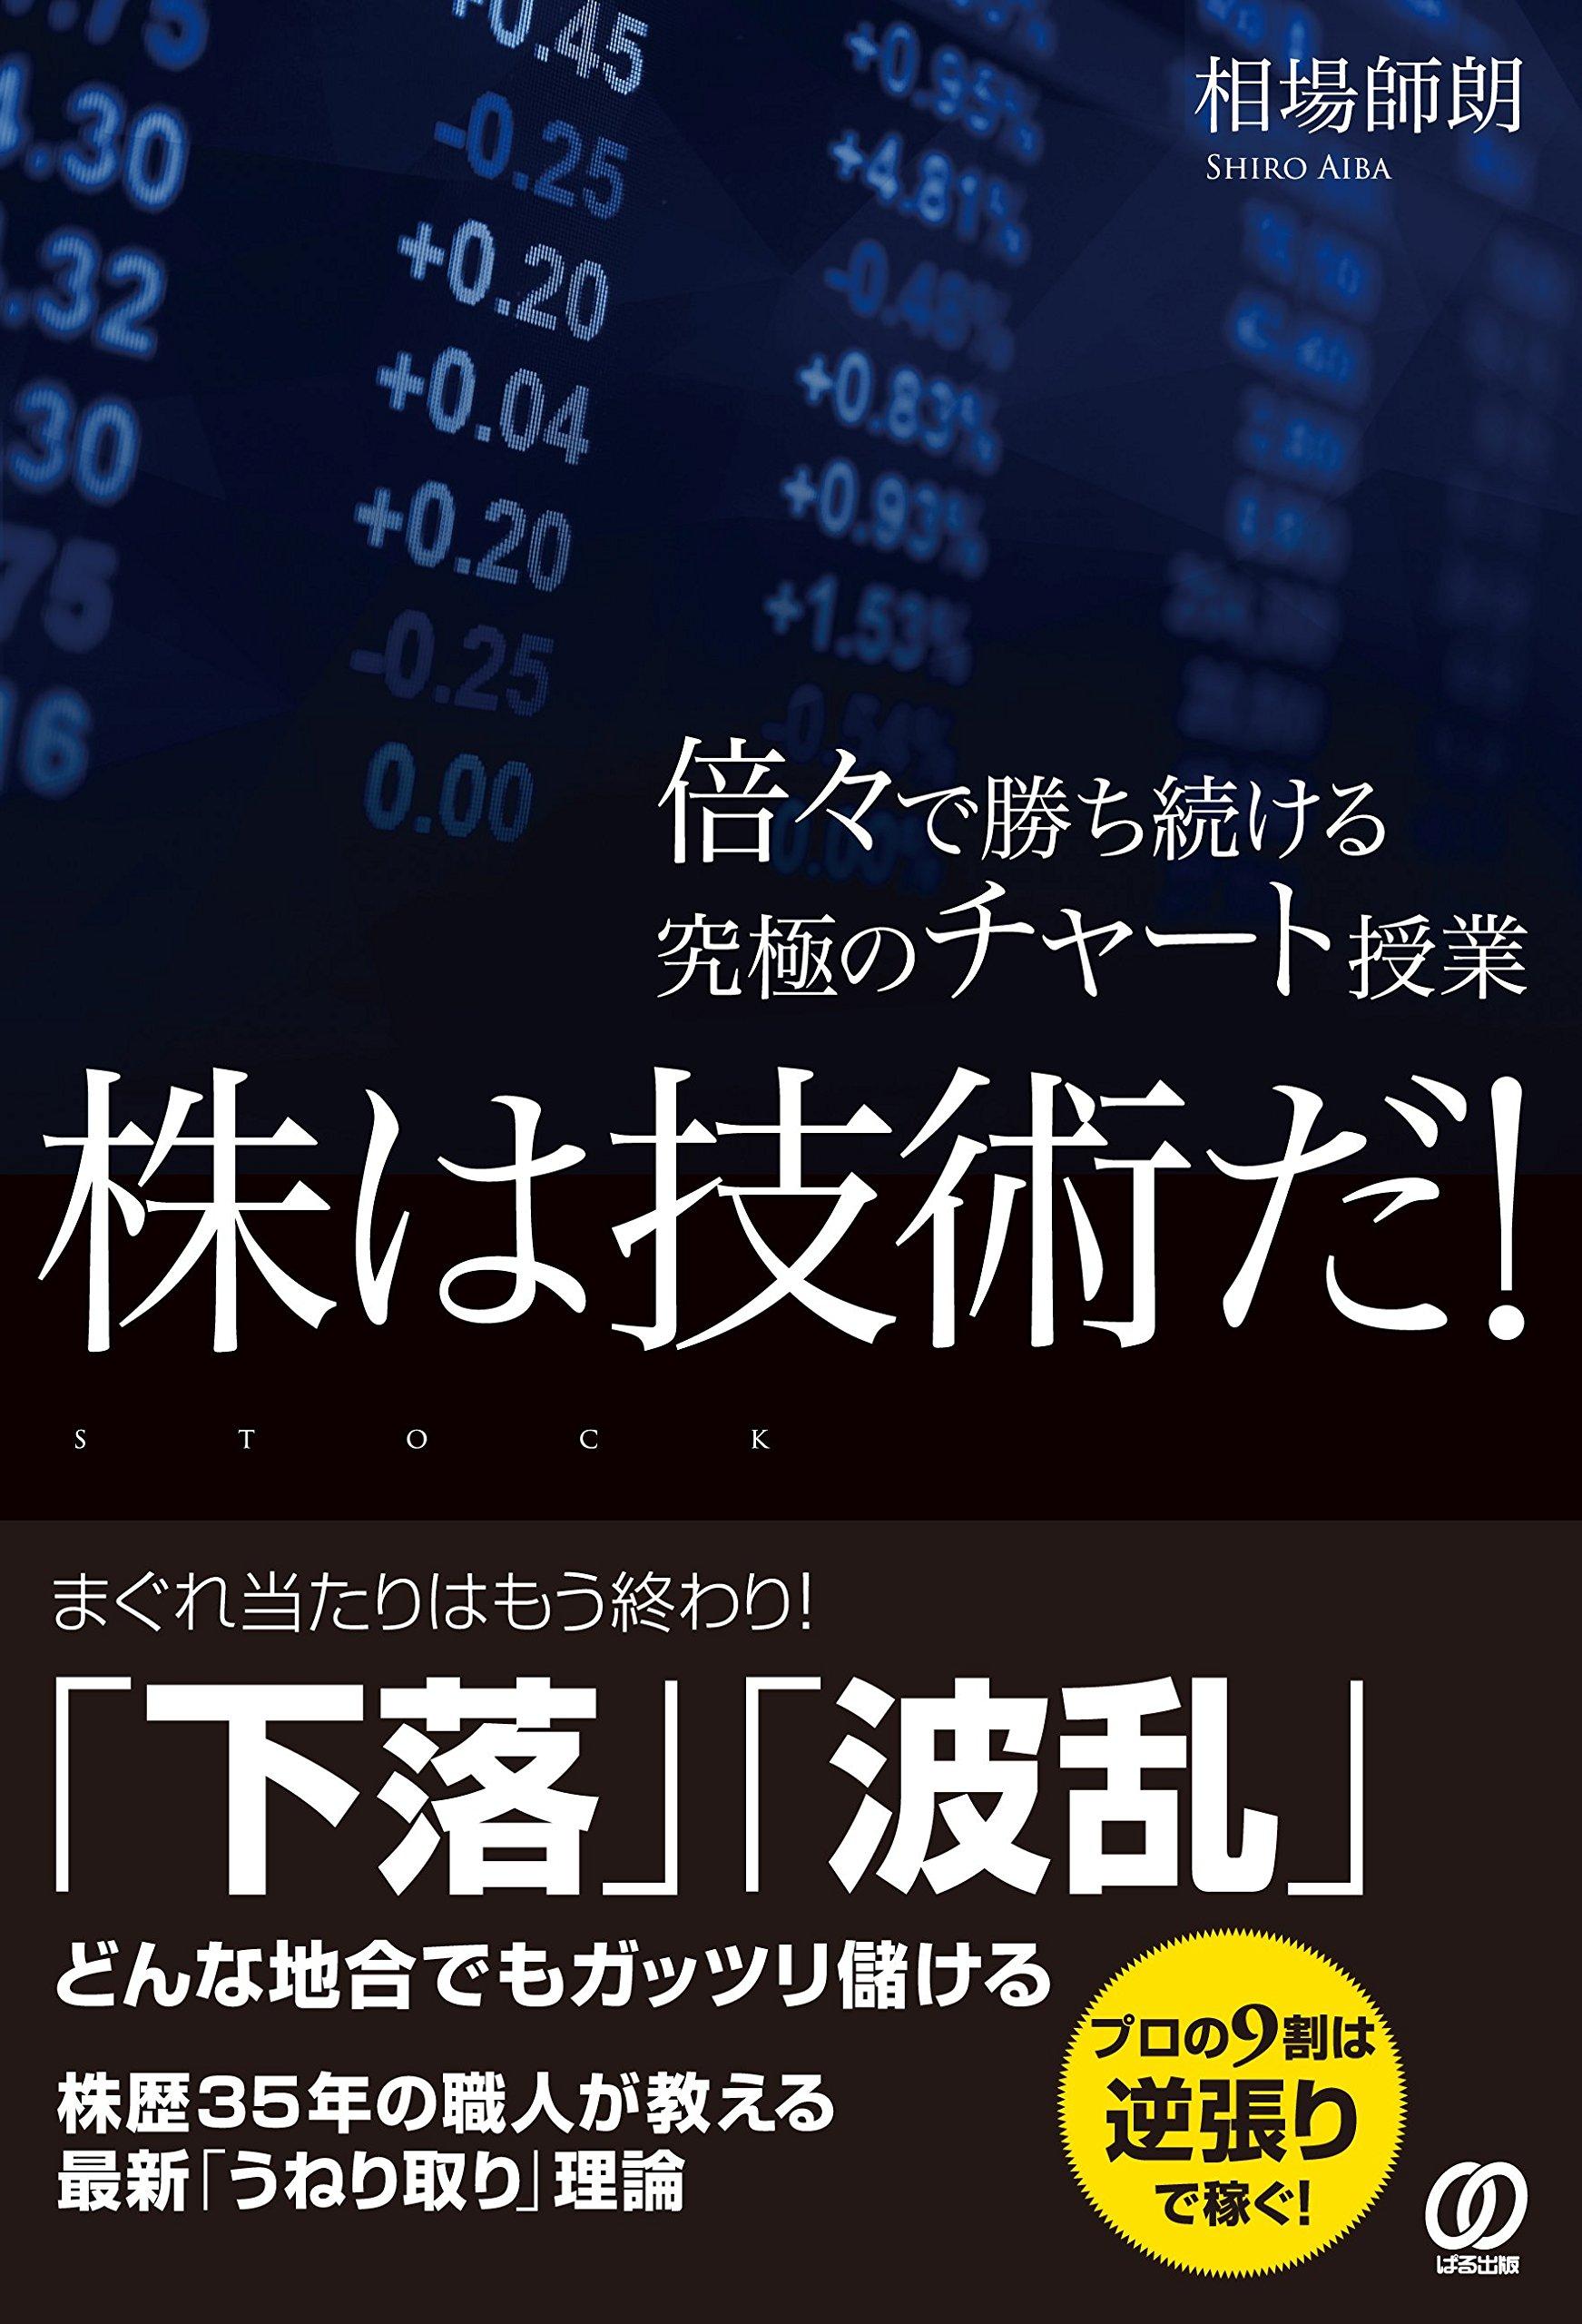 株価 Tkp